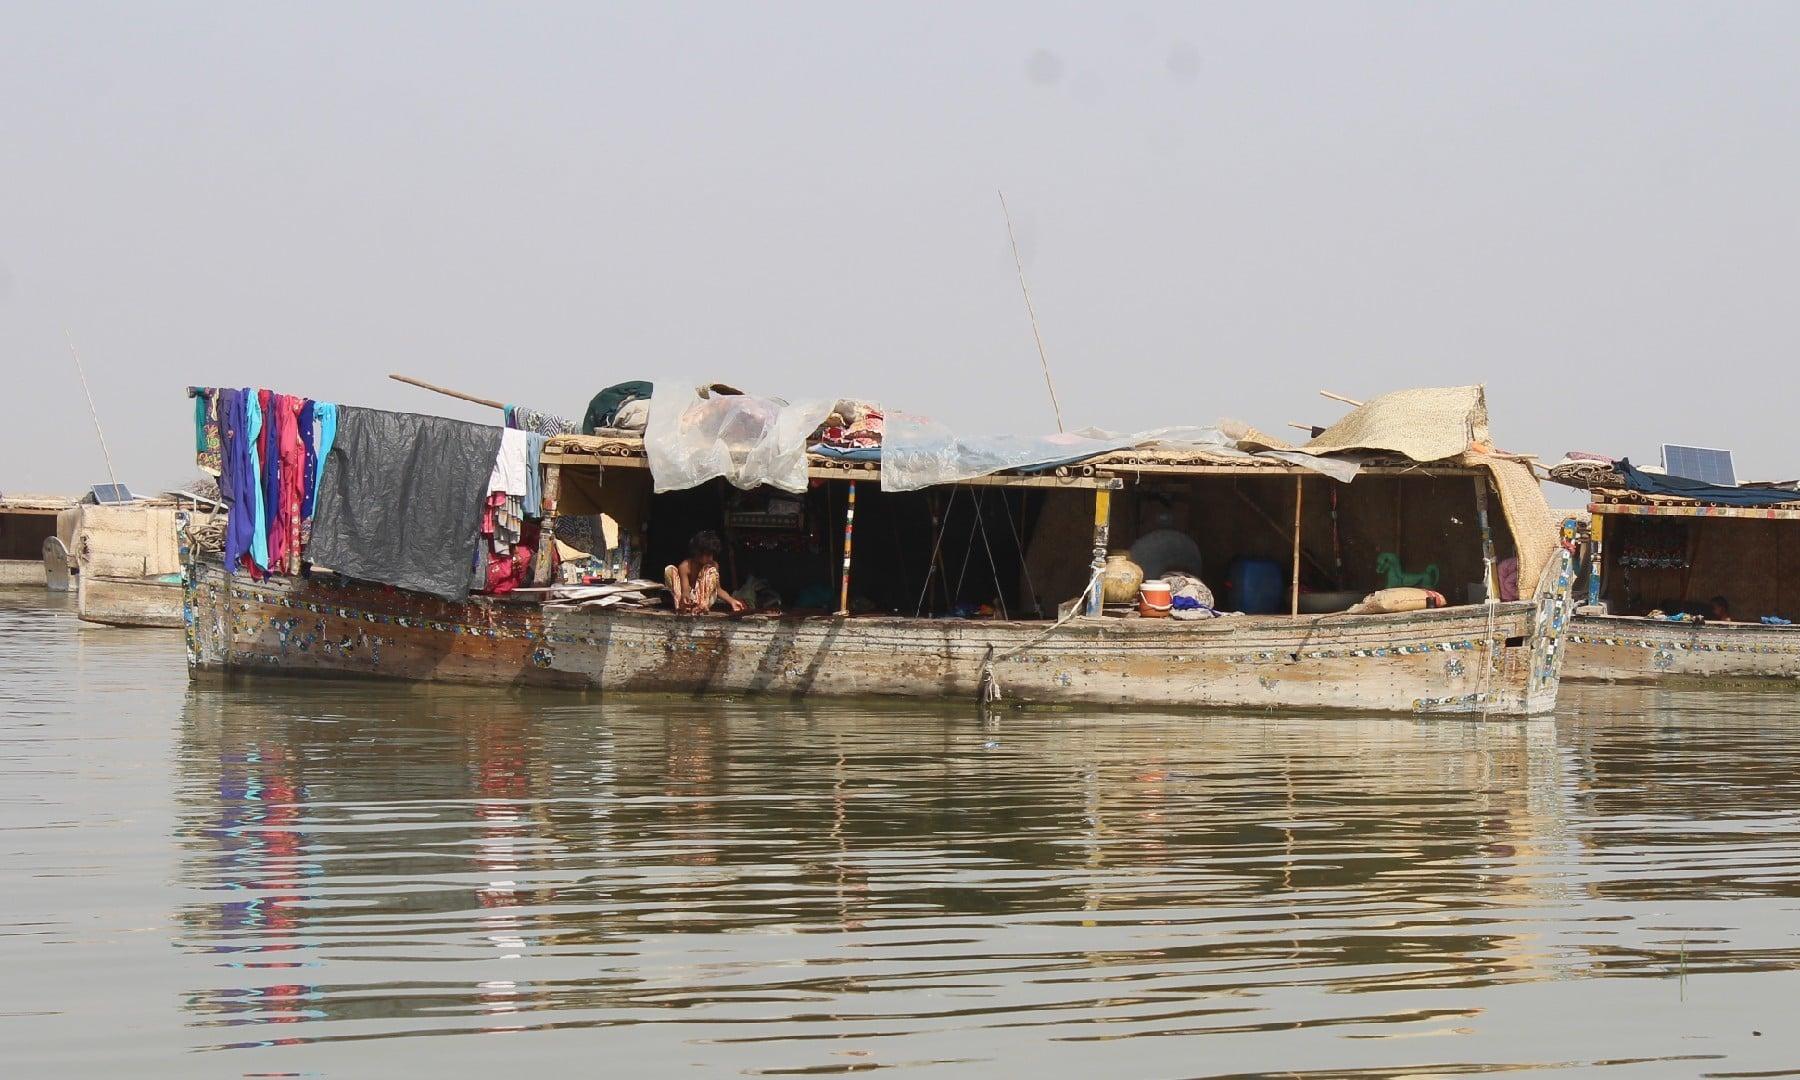 کشتیوں پر قائم وہ گاؤں—ابوبکر شیخ